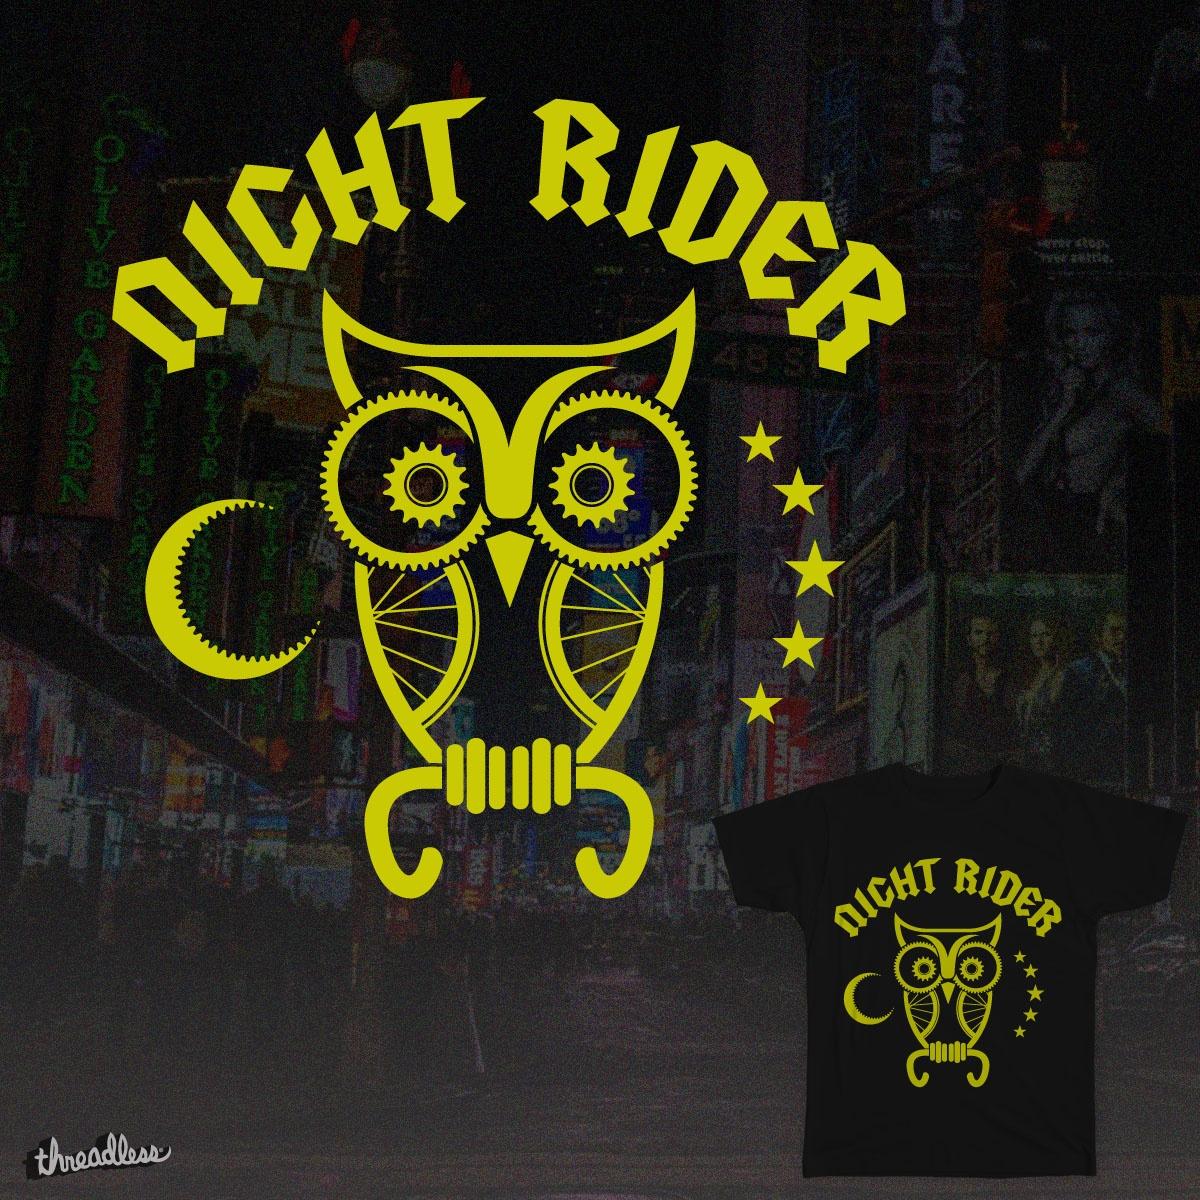 NightRider by reigedesign on Threadless